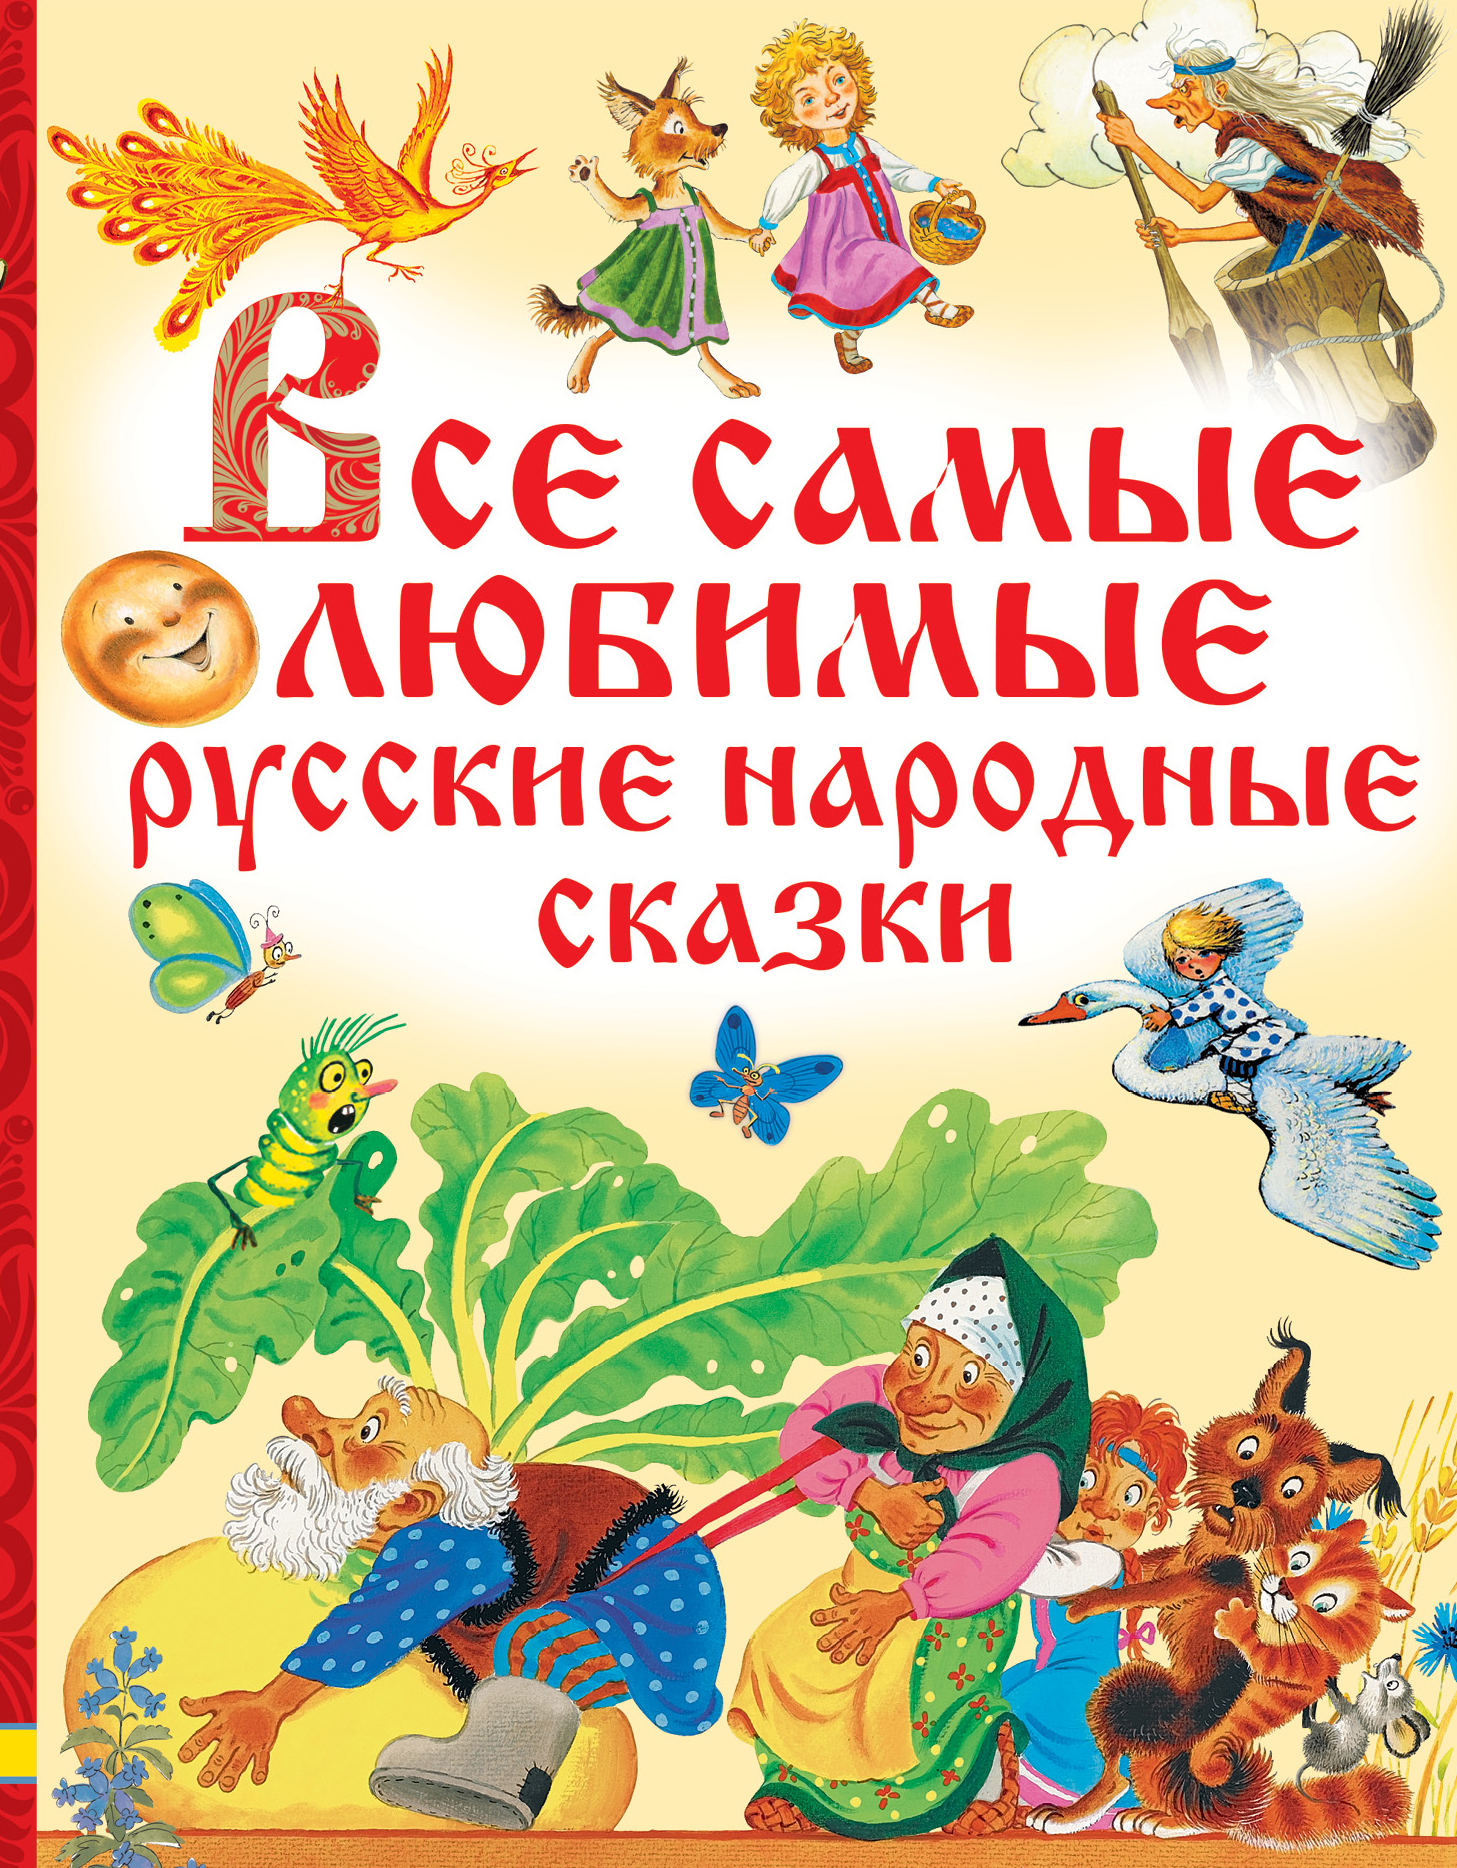 К.Д. Ушинский, А.Н. Толстой, О. Капица, В.П. Аникин и др. Все самые любимые русские народные сказки